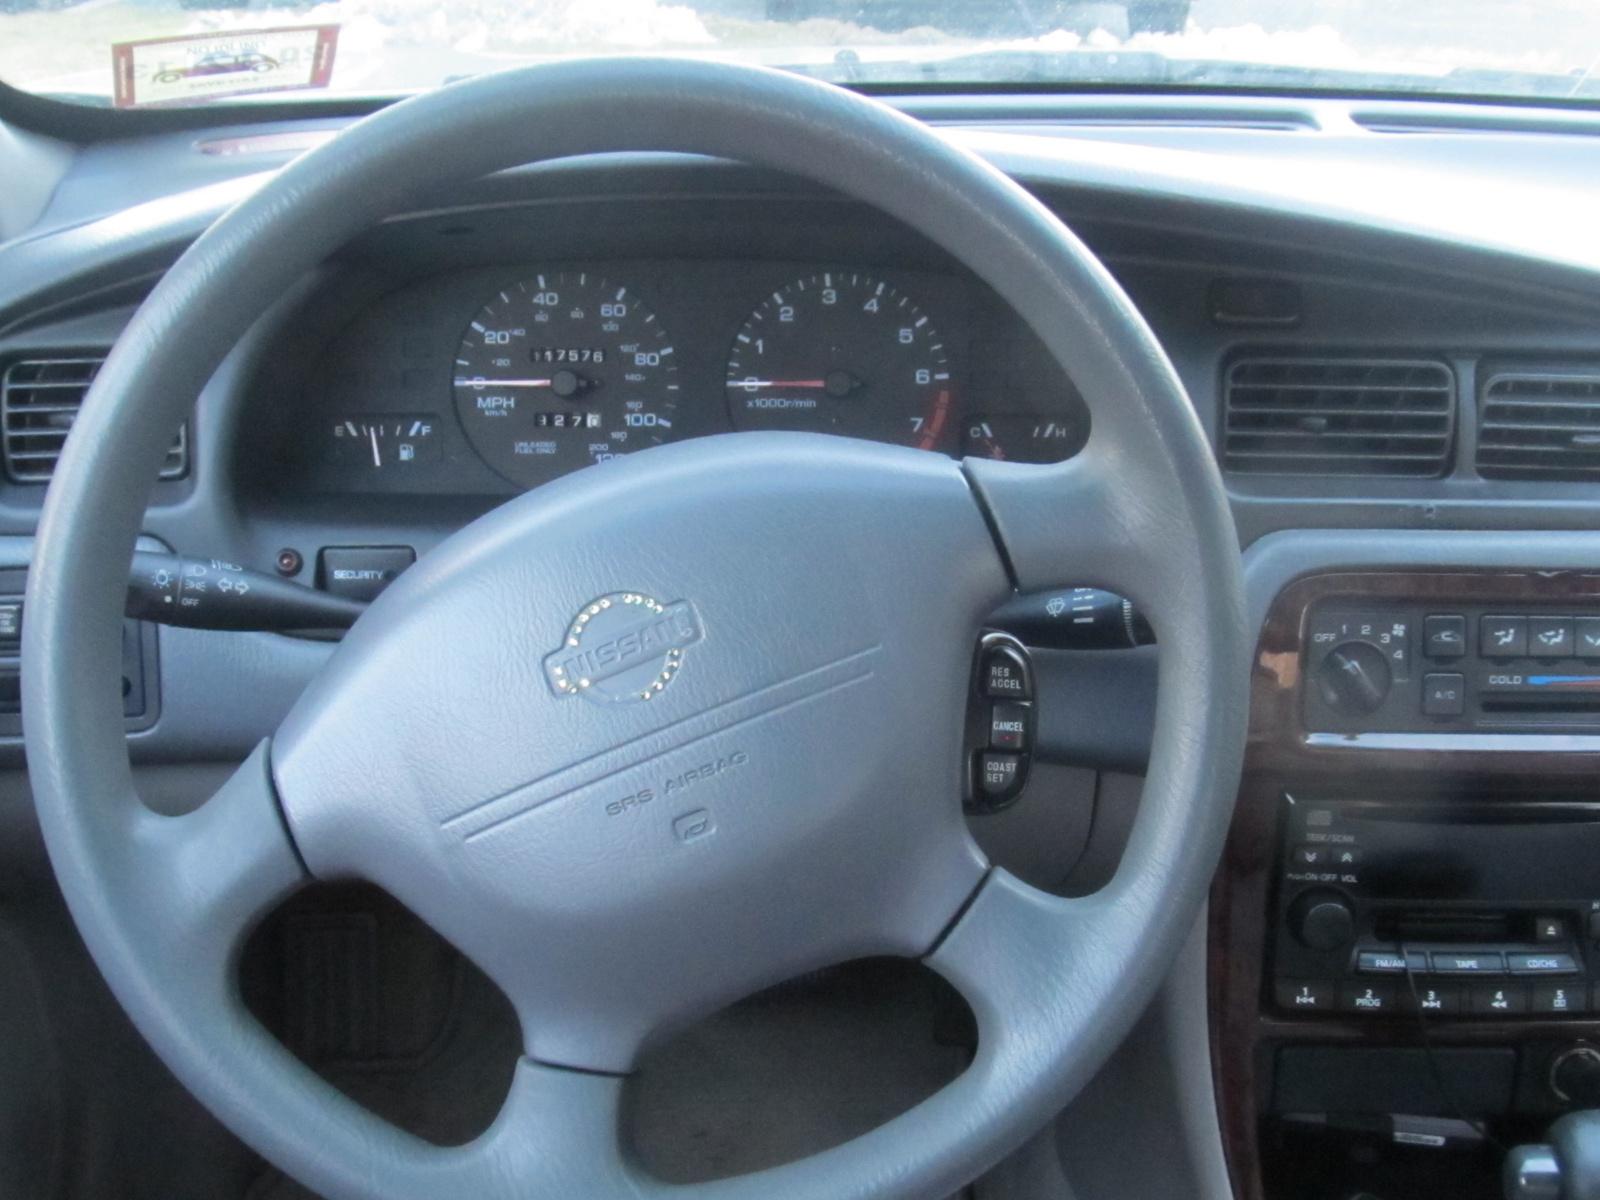 1999 Nissan Altima Interior Pictures Cargurus